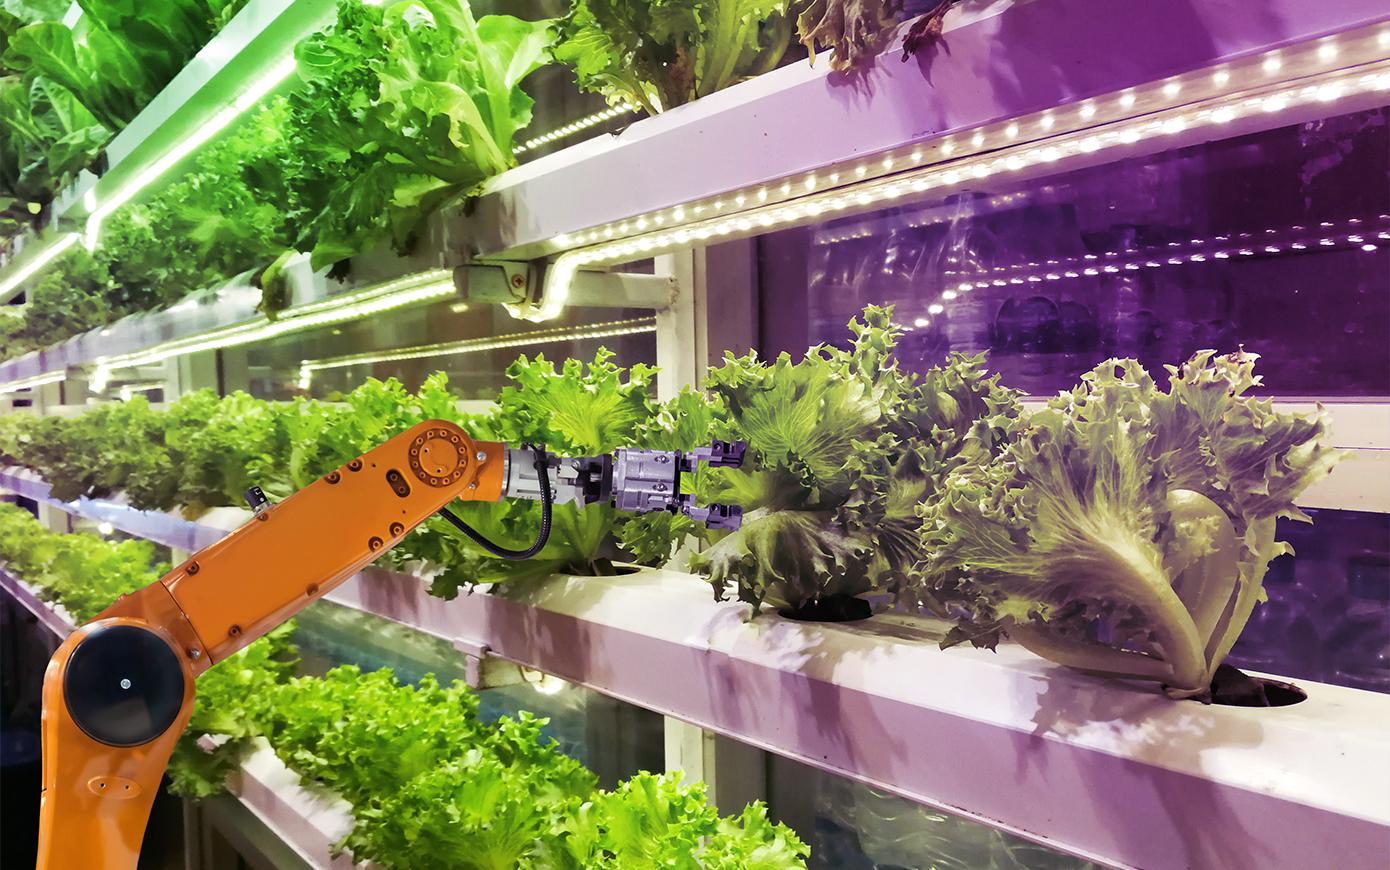 Ученые выяснили причины положительного эффекта фотобиостимуляции растений